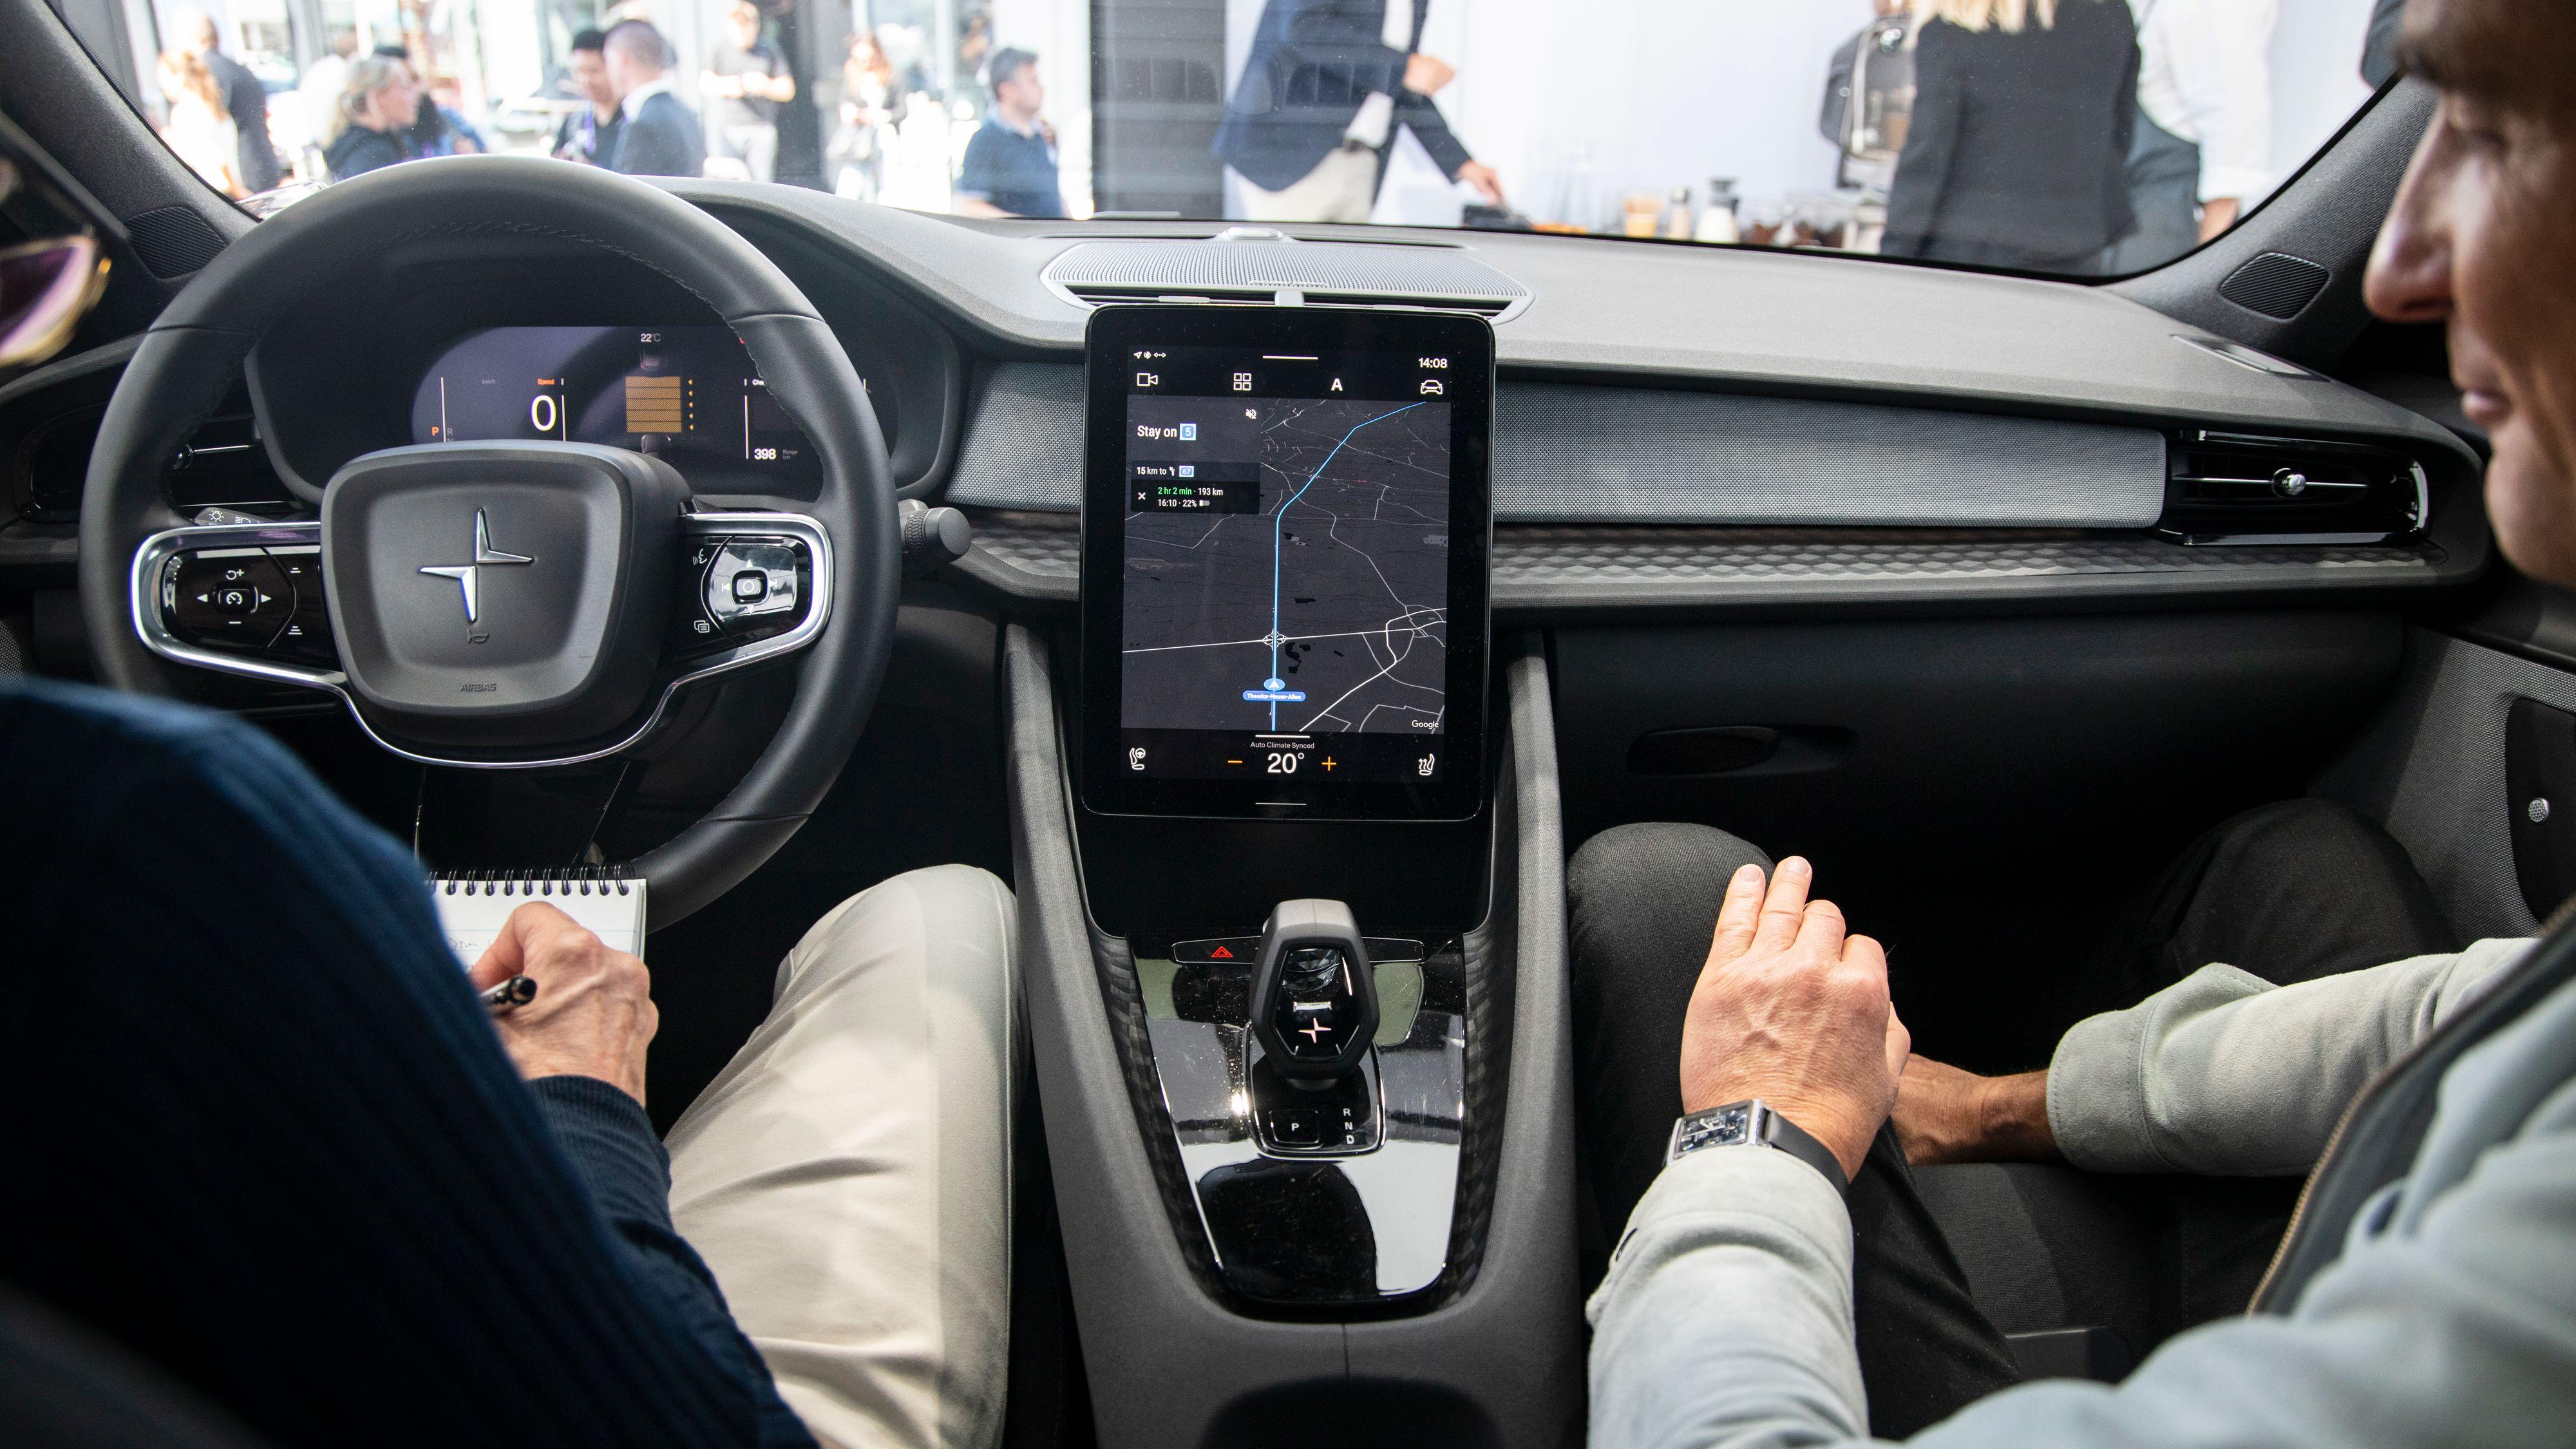 Polestar har ikke gått like langt i minimalistisk retning som Tesla har i sin Model 3, men designet er likevel ganske rent og elegant, med den drøye 11-tommers skjermen i midten som et åpenbart fokuspunkt.